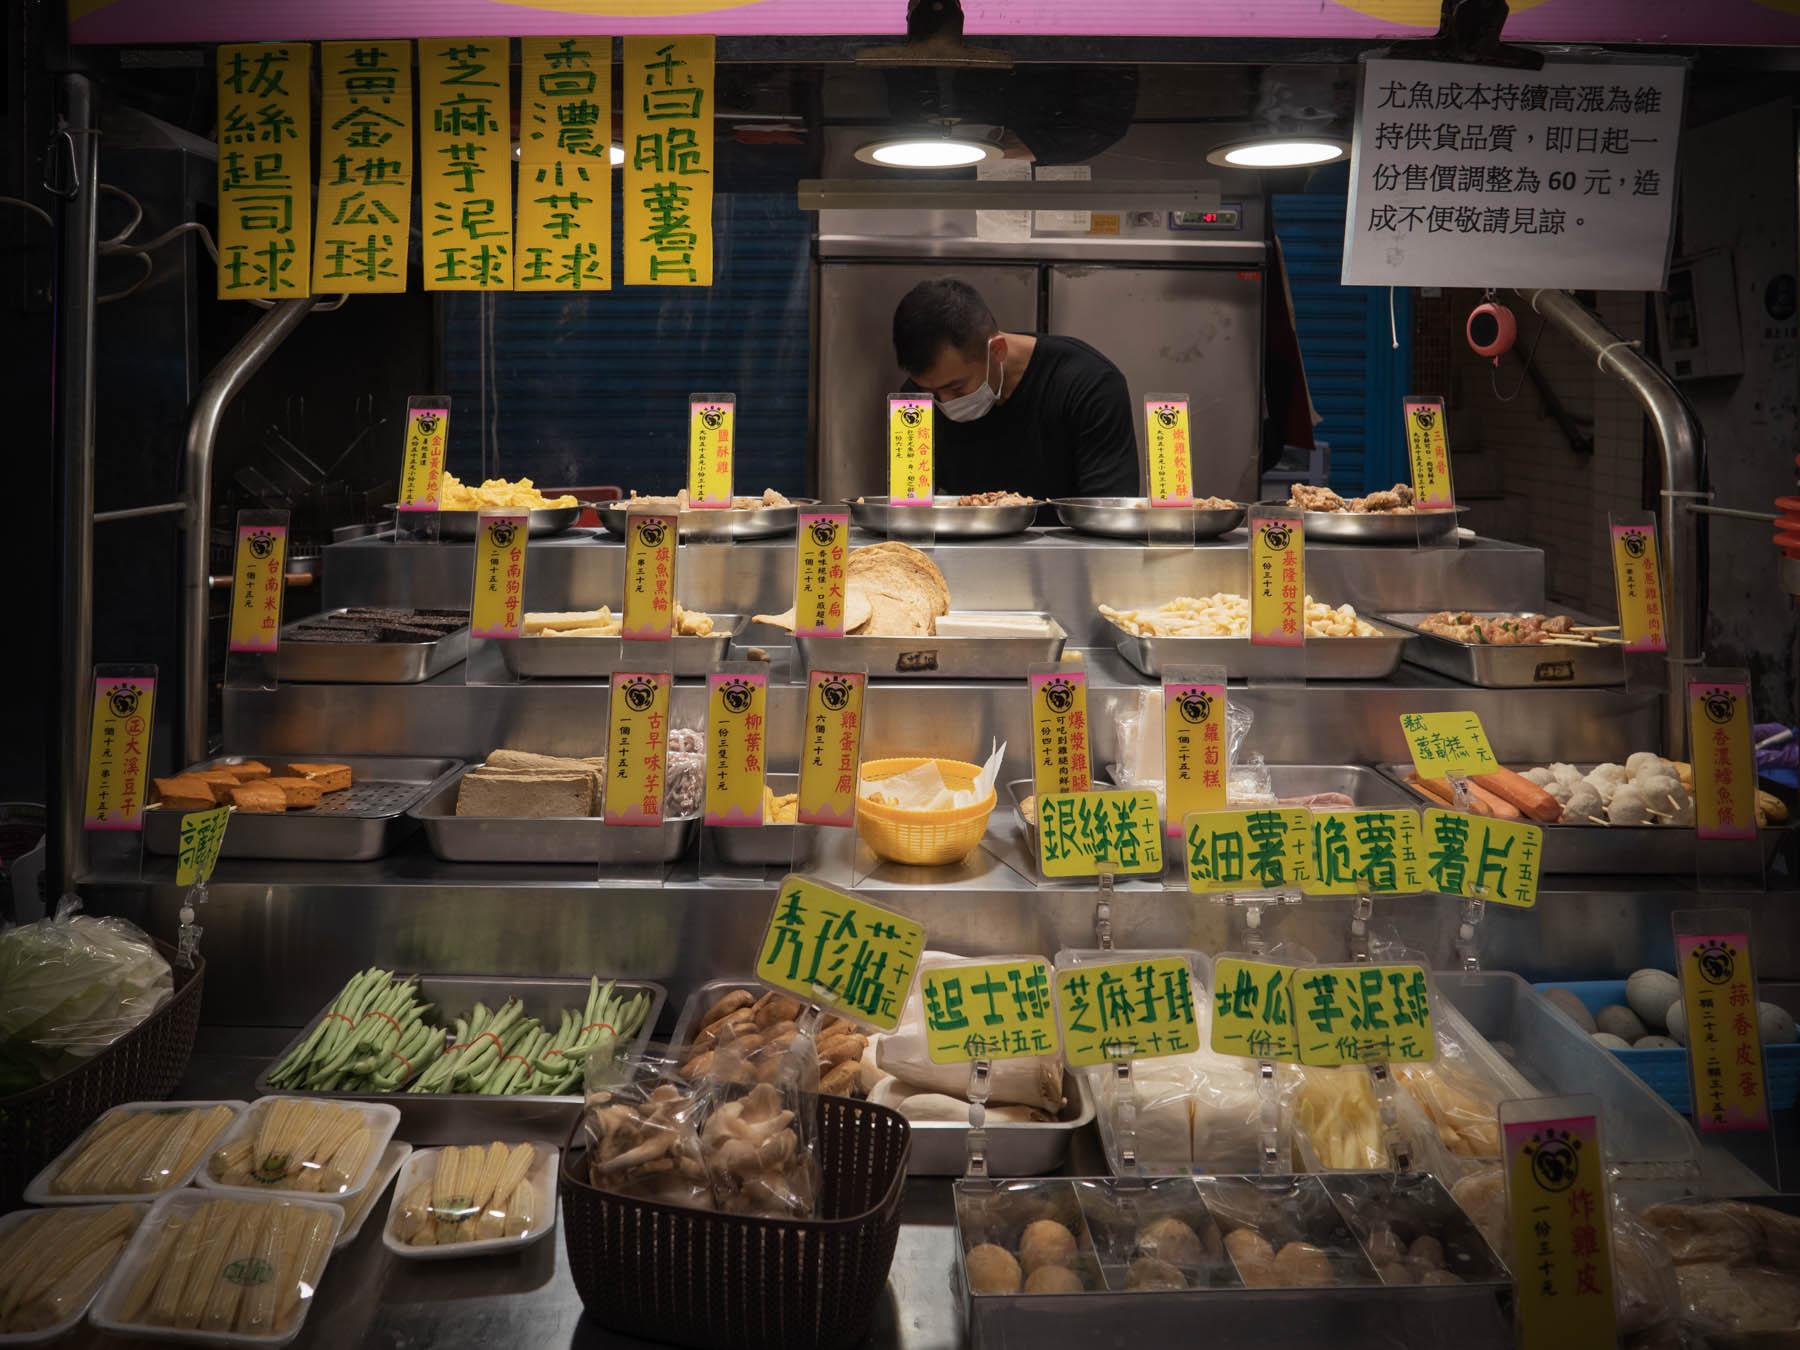 士林夜市「饗味鹹酥雞」の店頭に並んだ食材